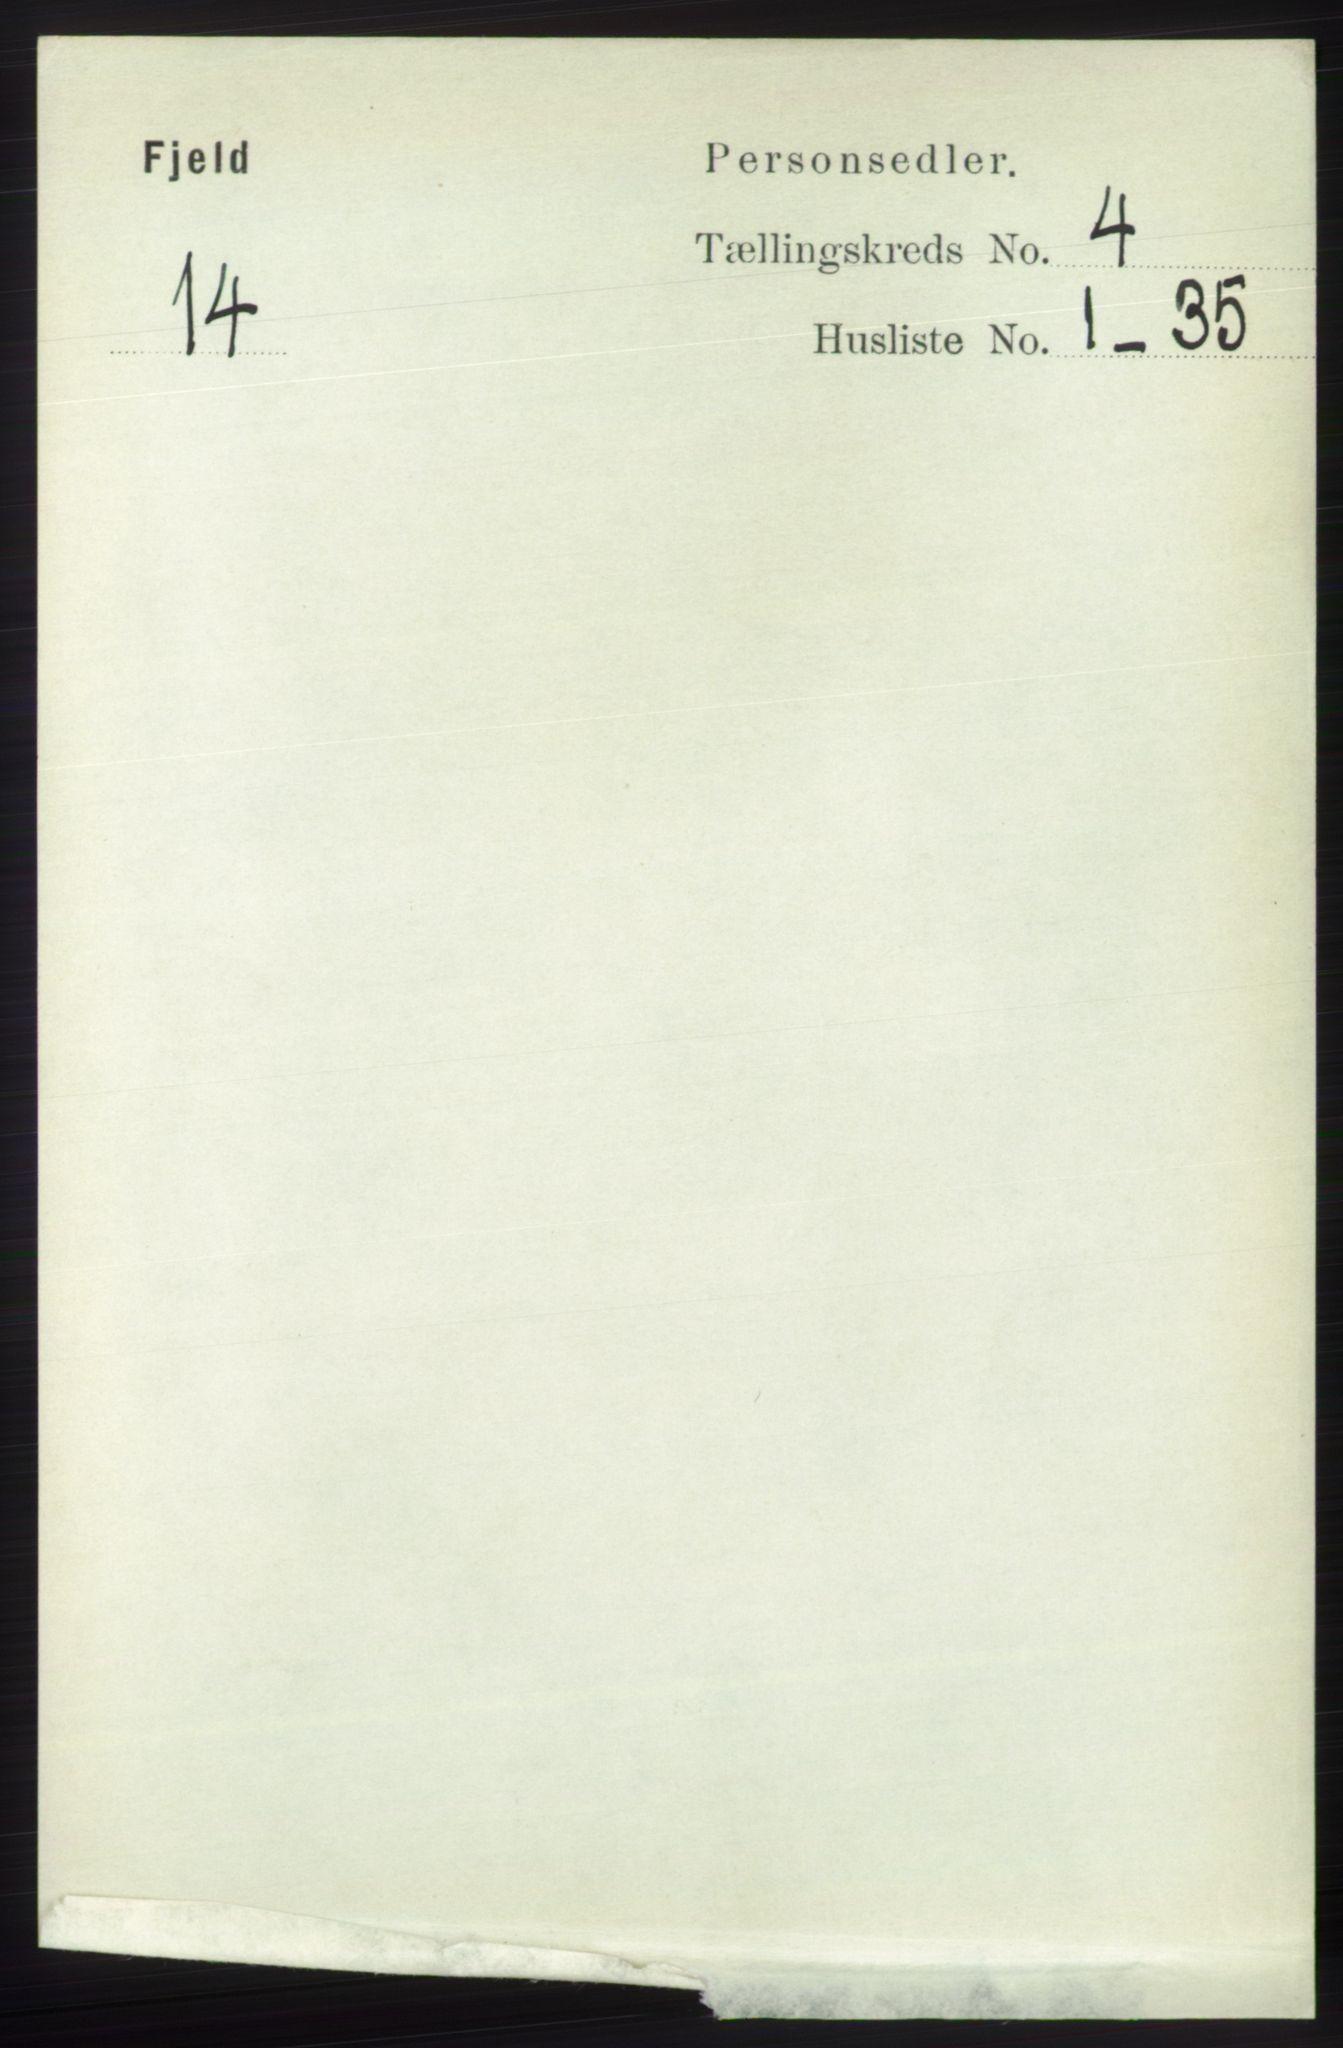 RA, Folketelling 1891 for 1246 Fjell herred, 1891, s. 2024